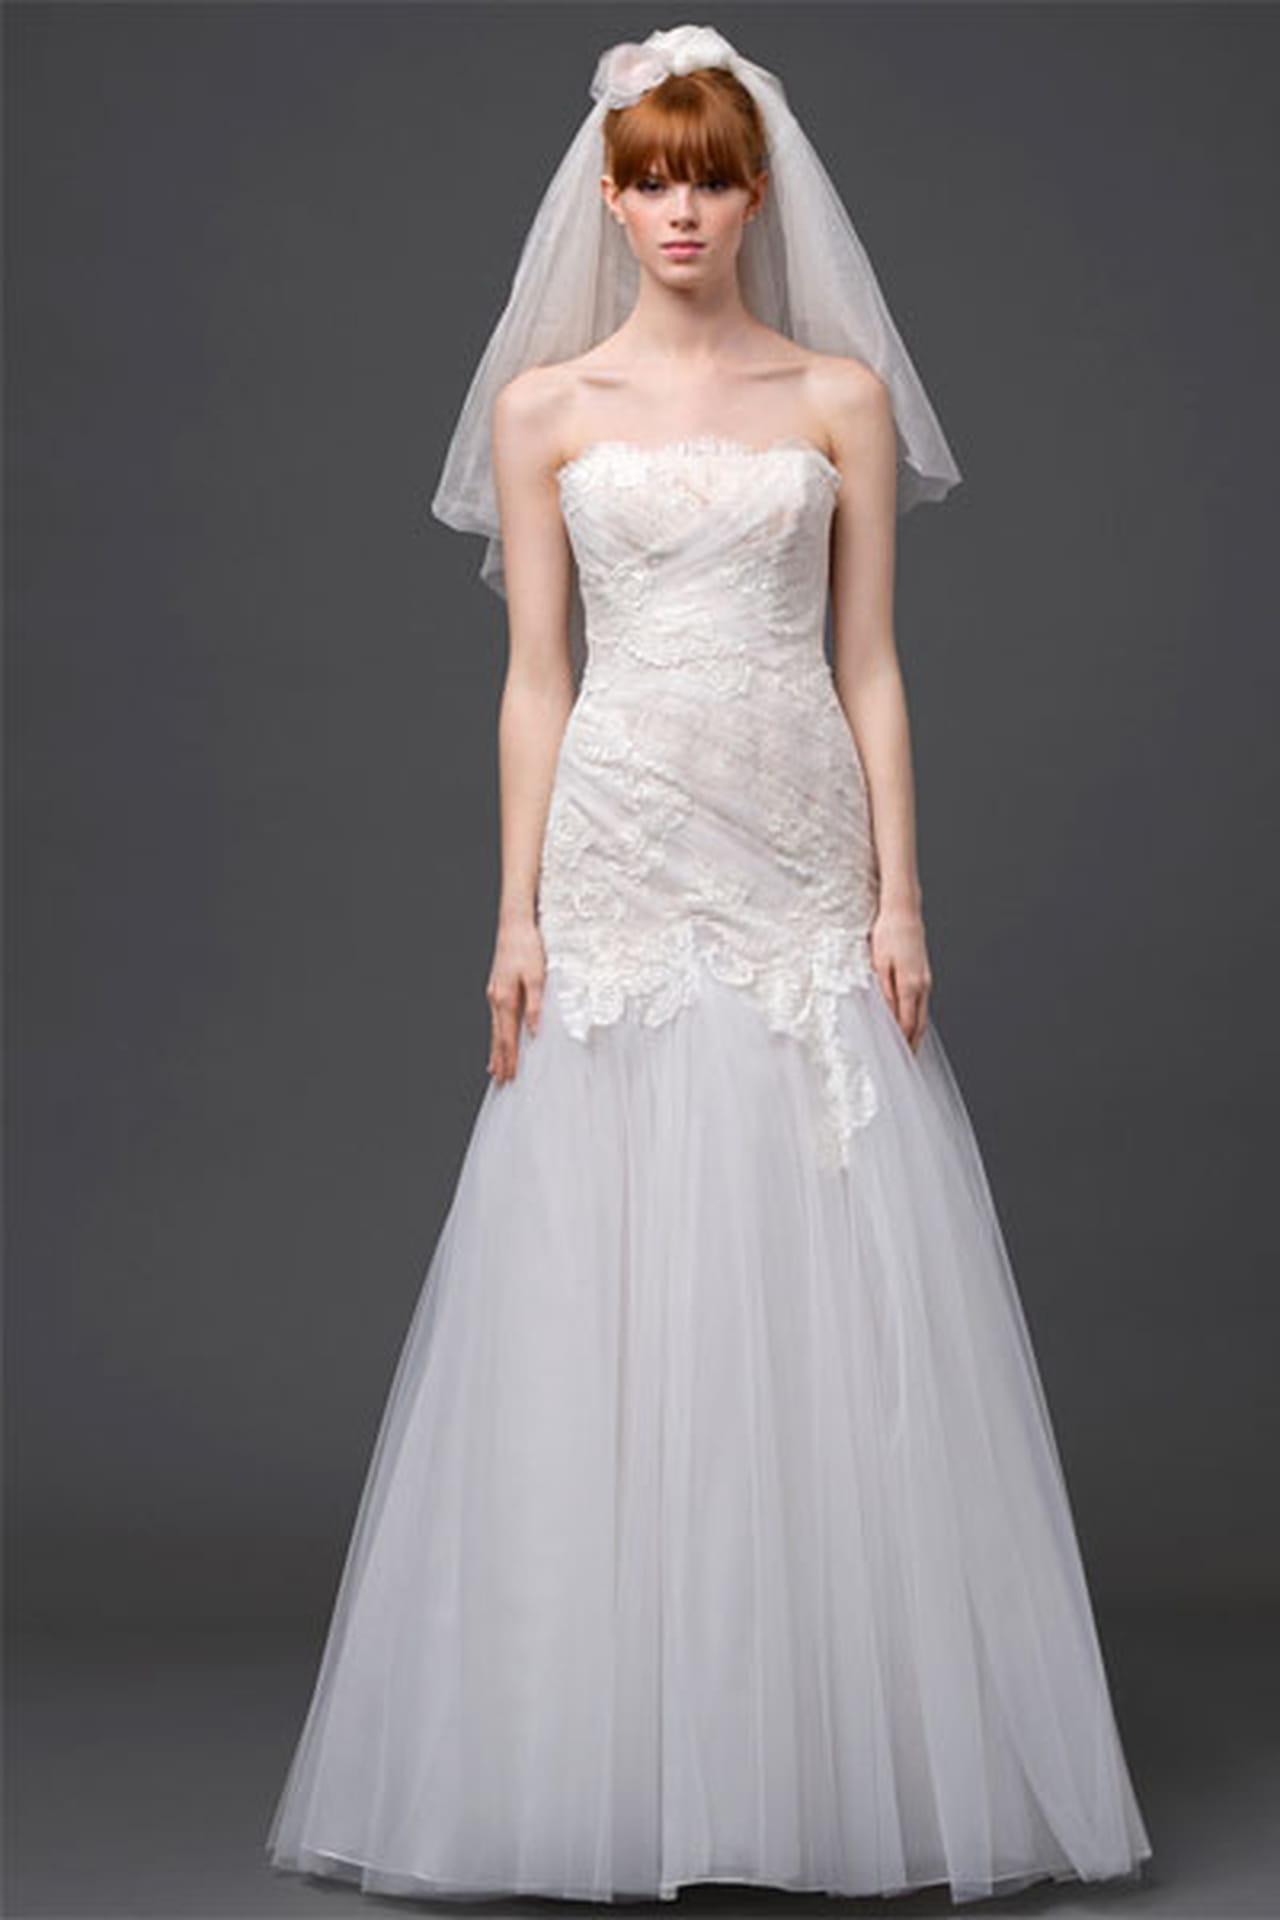 فساتين زفاف البرتا فيريتي 819885